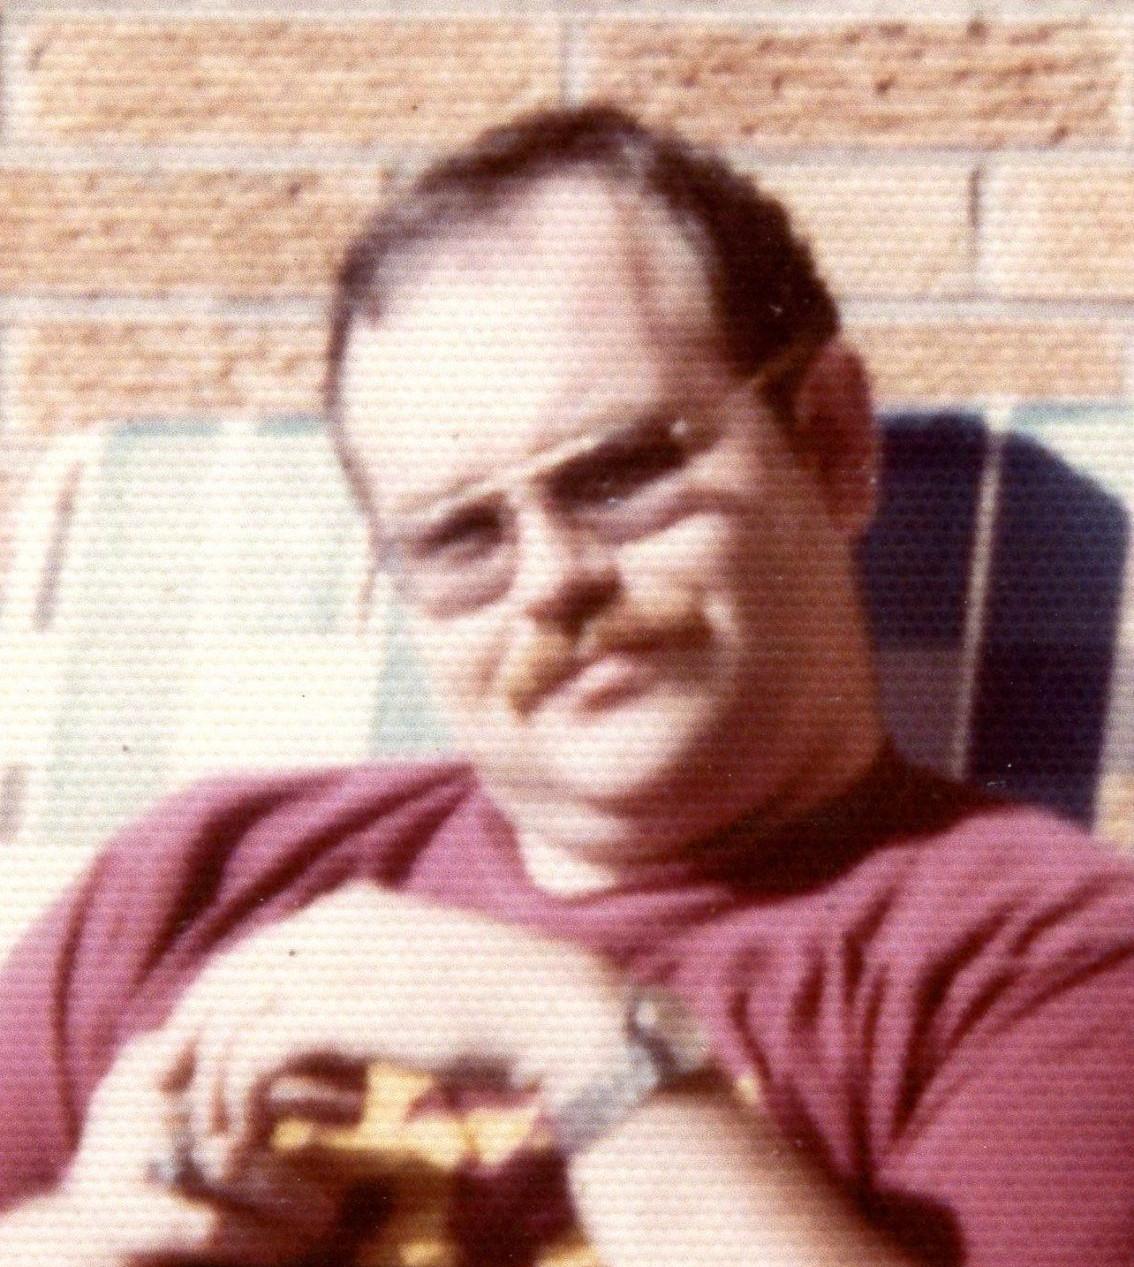 Jerry Morton West